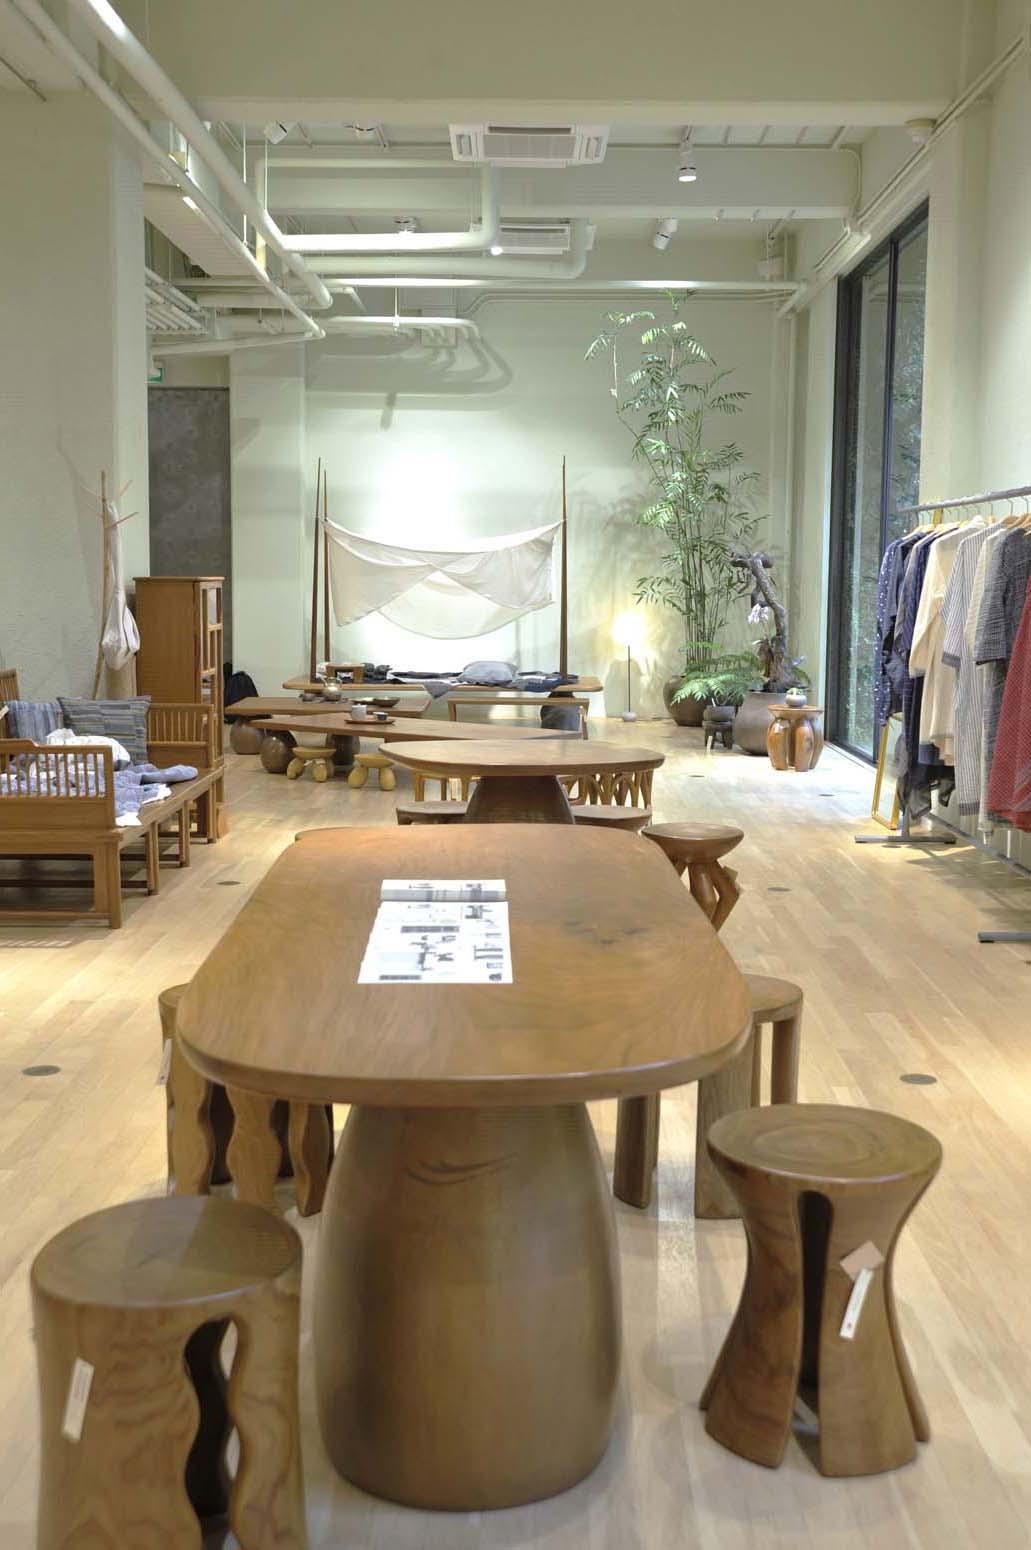 家具は1点ものだ。スツールは木をそのままくり抜いて造られており、年輪を模様として活かしている。